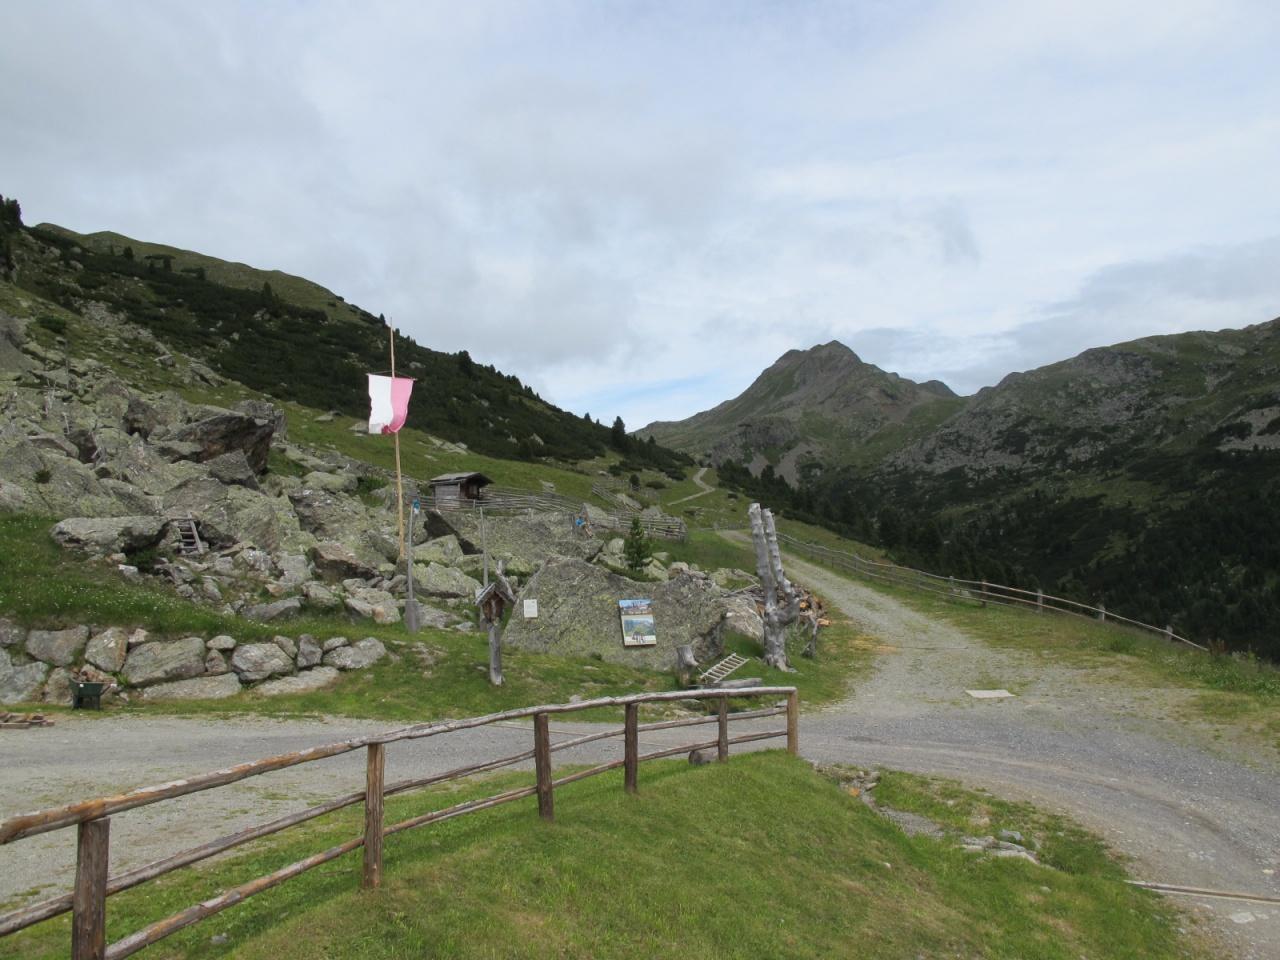 Wanderhotel: Geführte Wanderung ins Sarntal